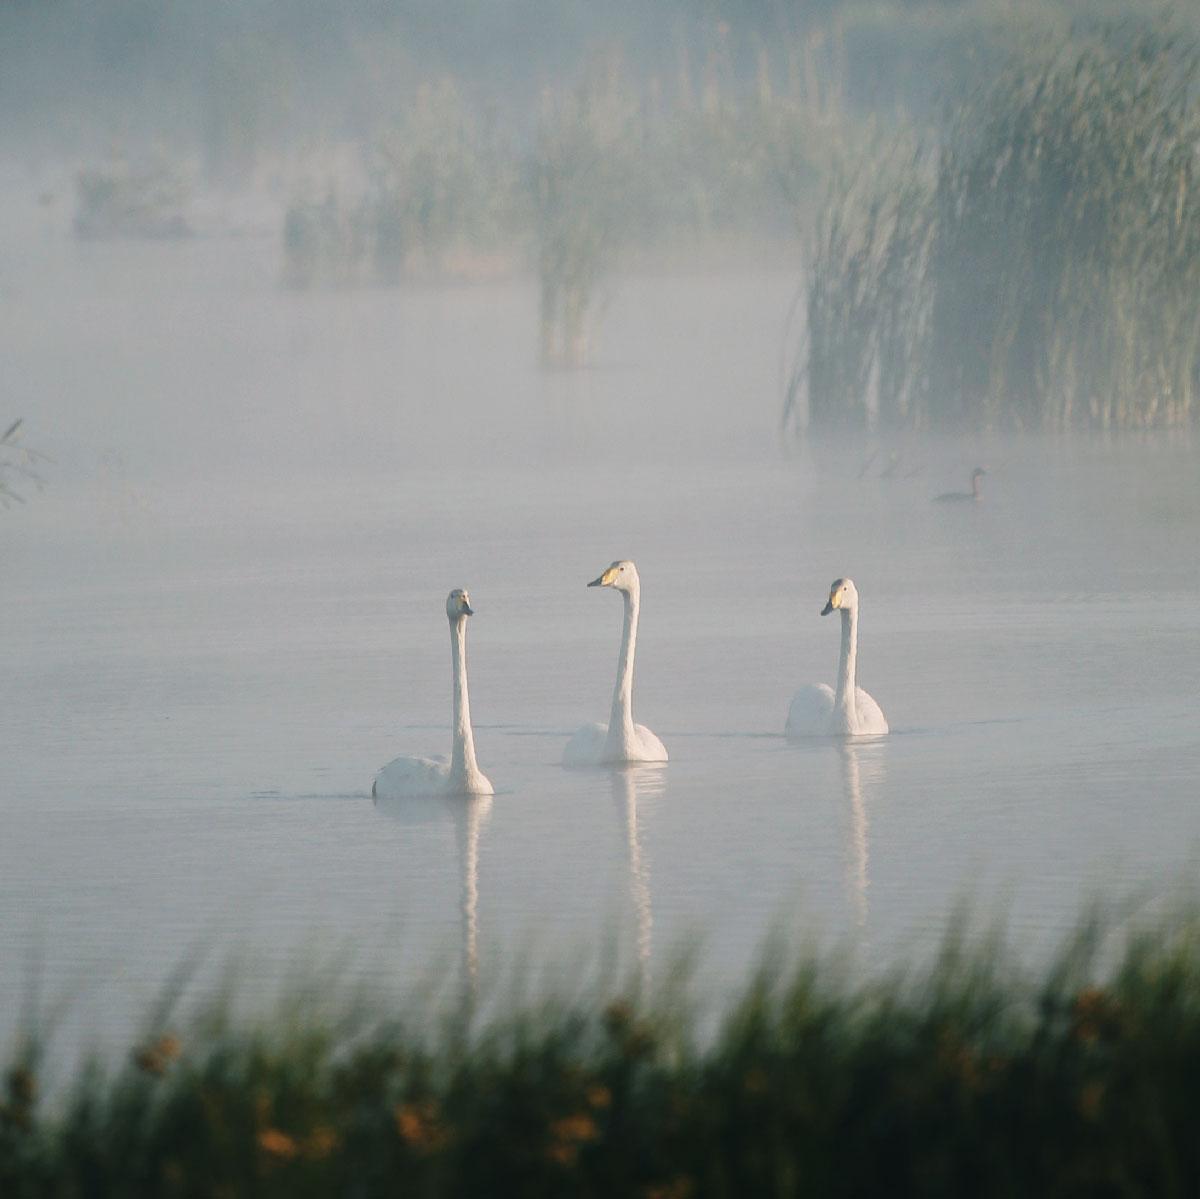 Tre sangsvaner svømmer yndigt rundt i søen i det disede lys.